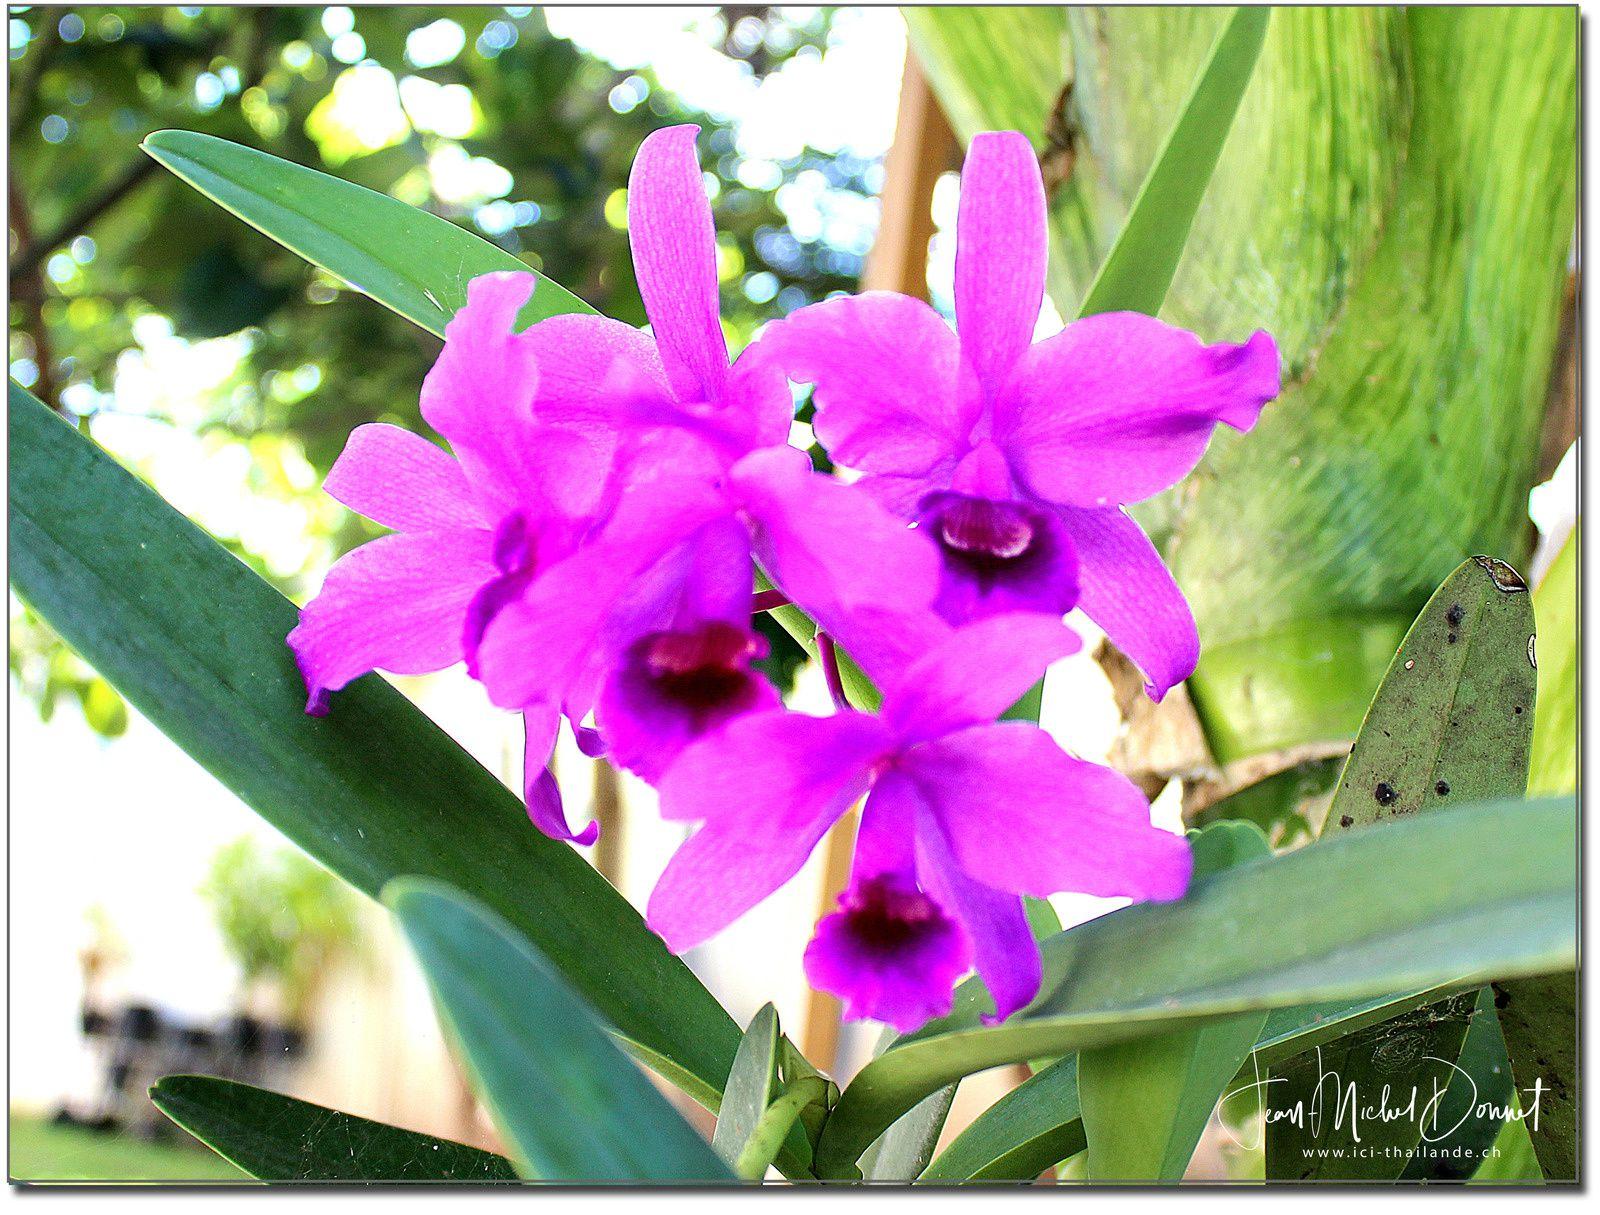 Les orchidées du jardin (Thaïlande)